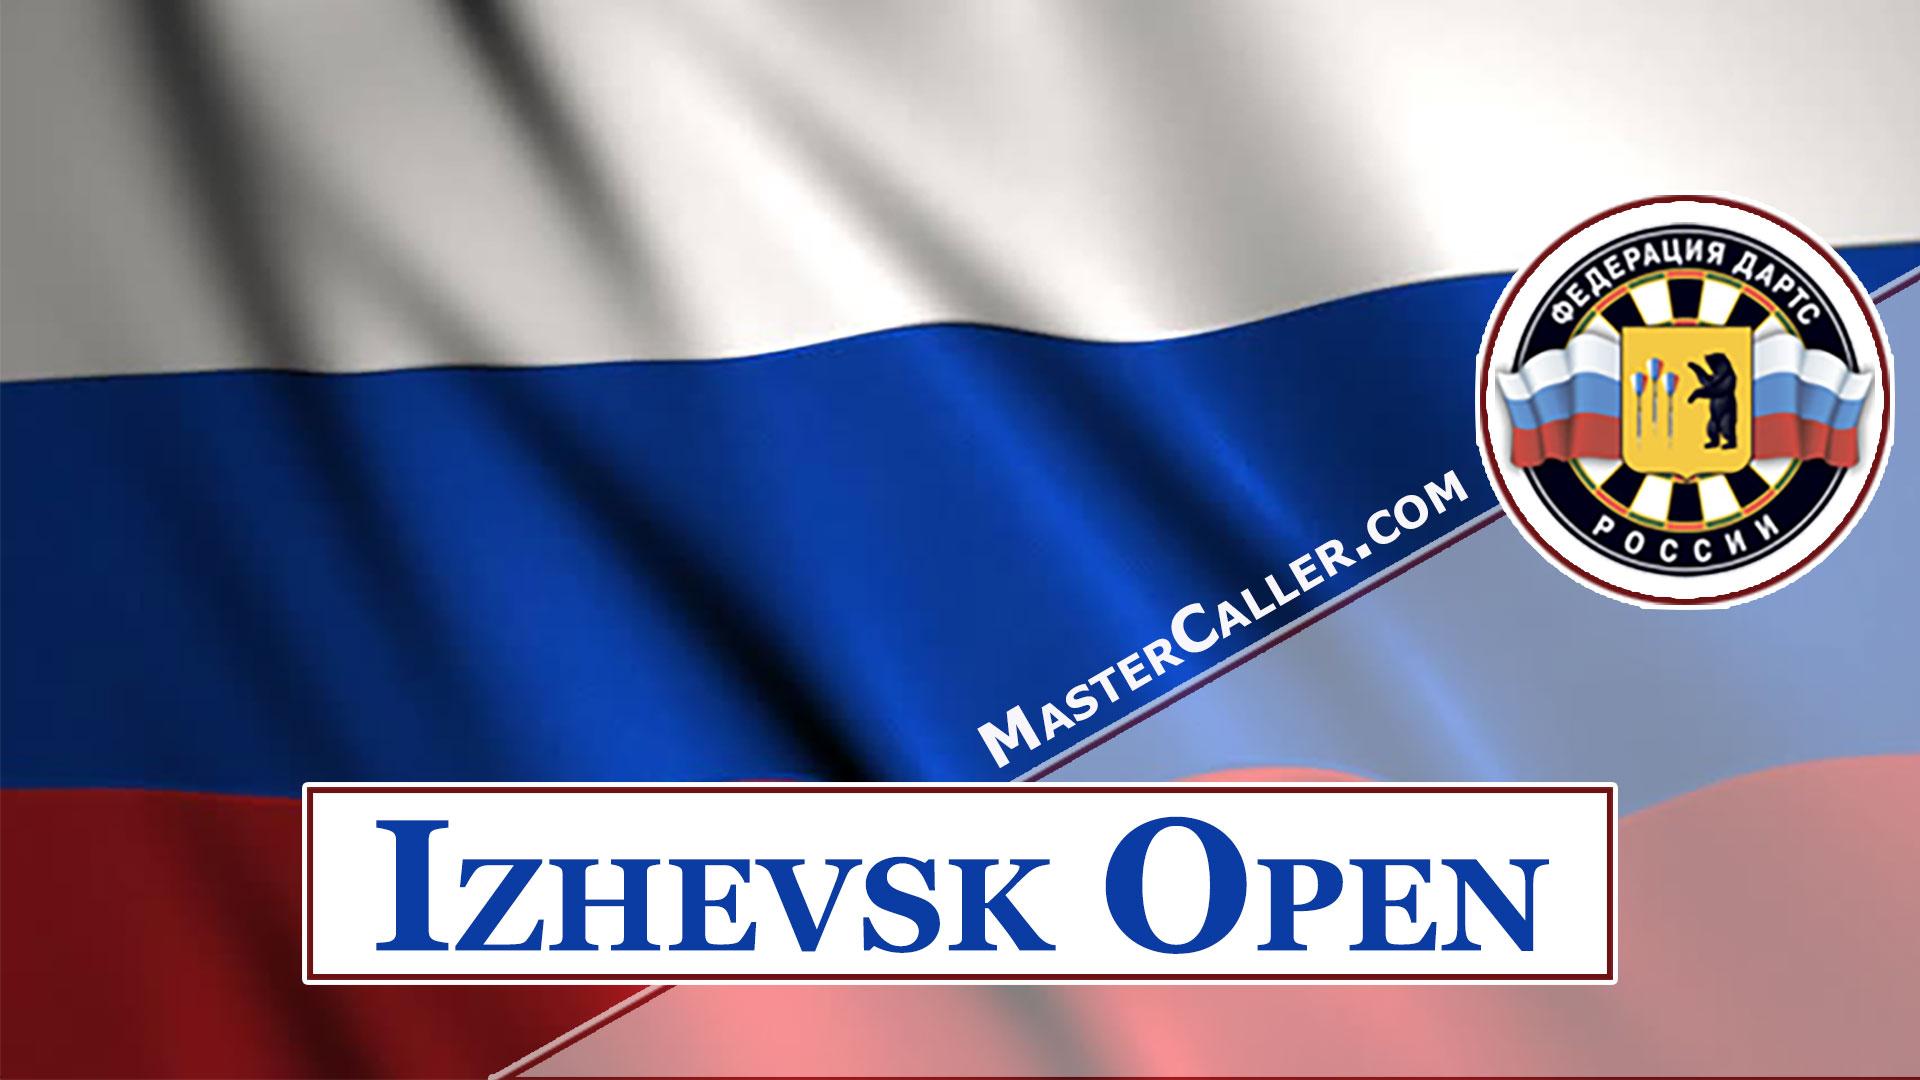 Izhevsk Open Youth - 2021 Logo